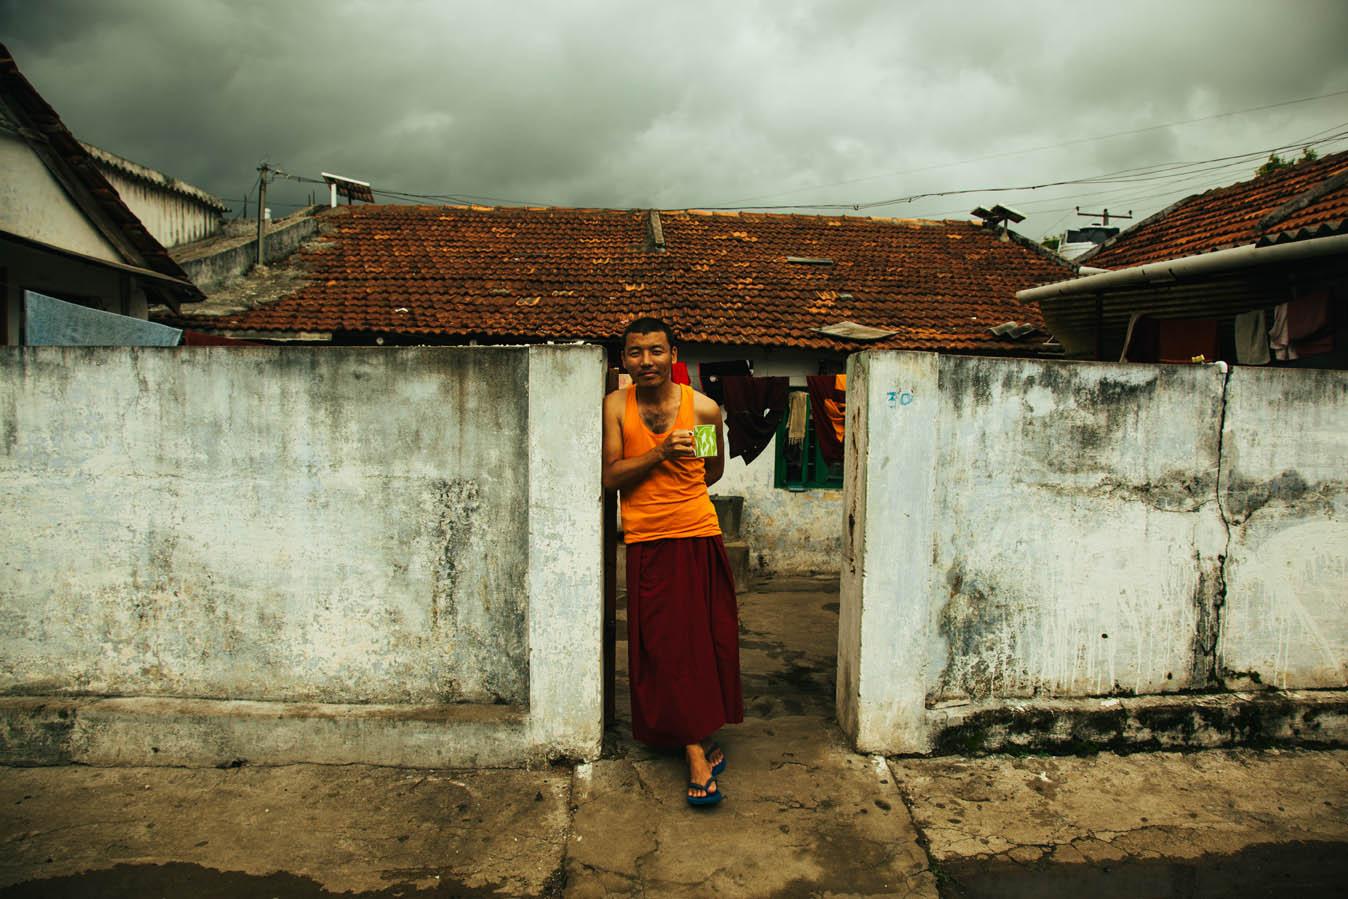 Portrait of Tibetan Monk in Bylakuppe